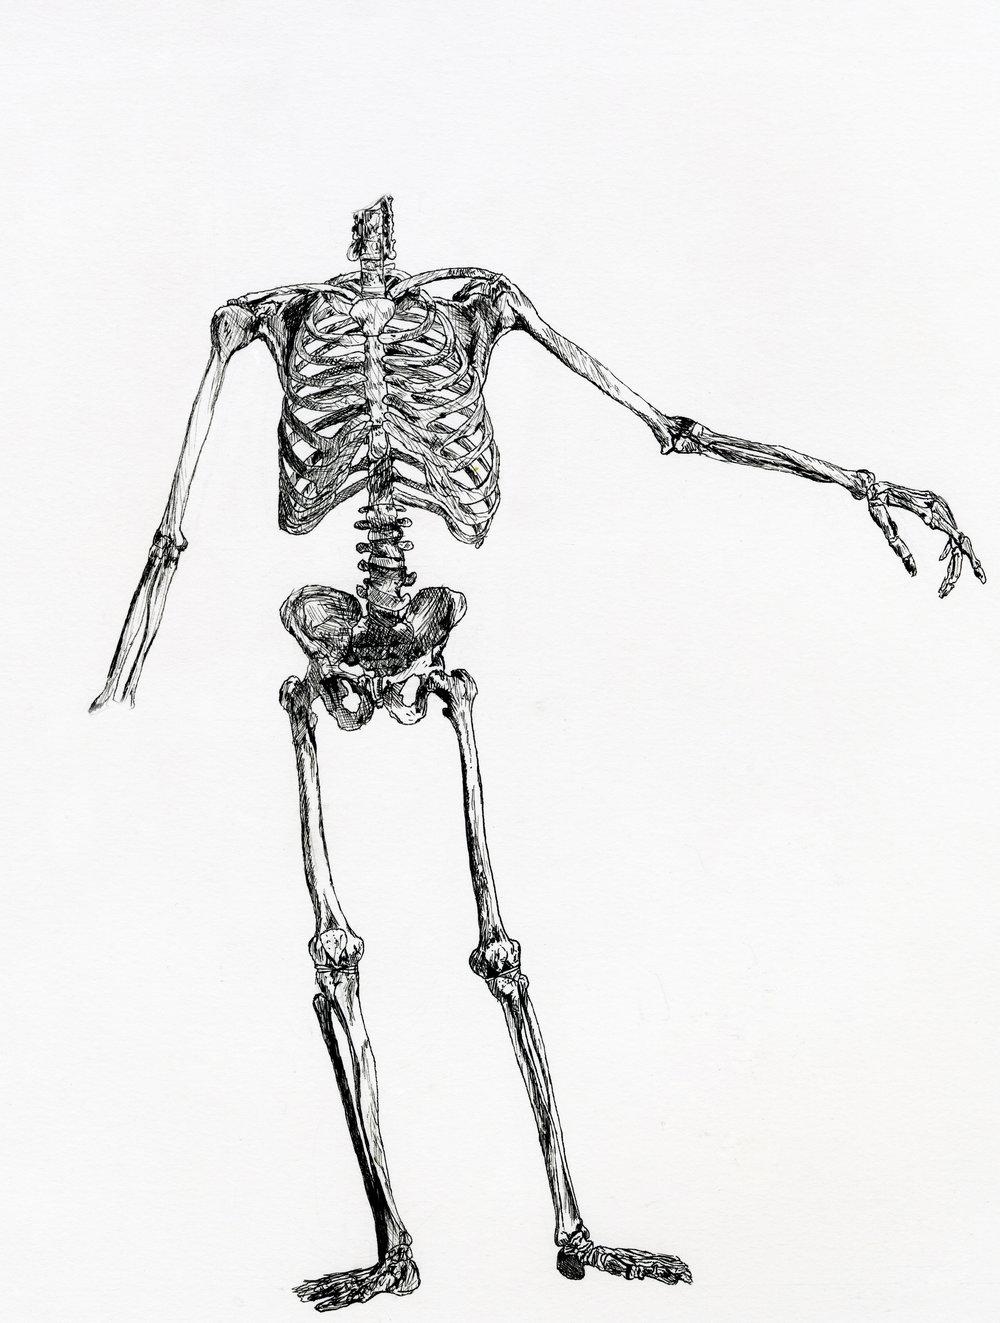 Skeleton drawing (2008)